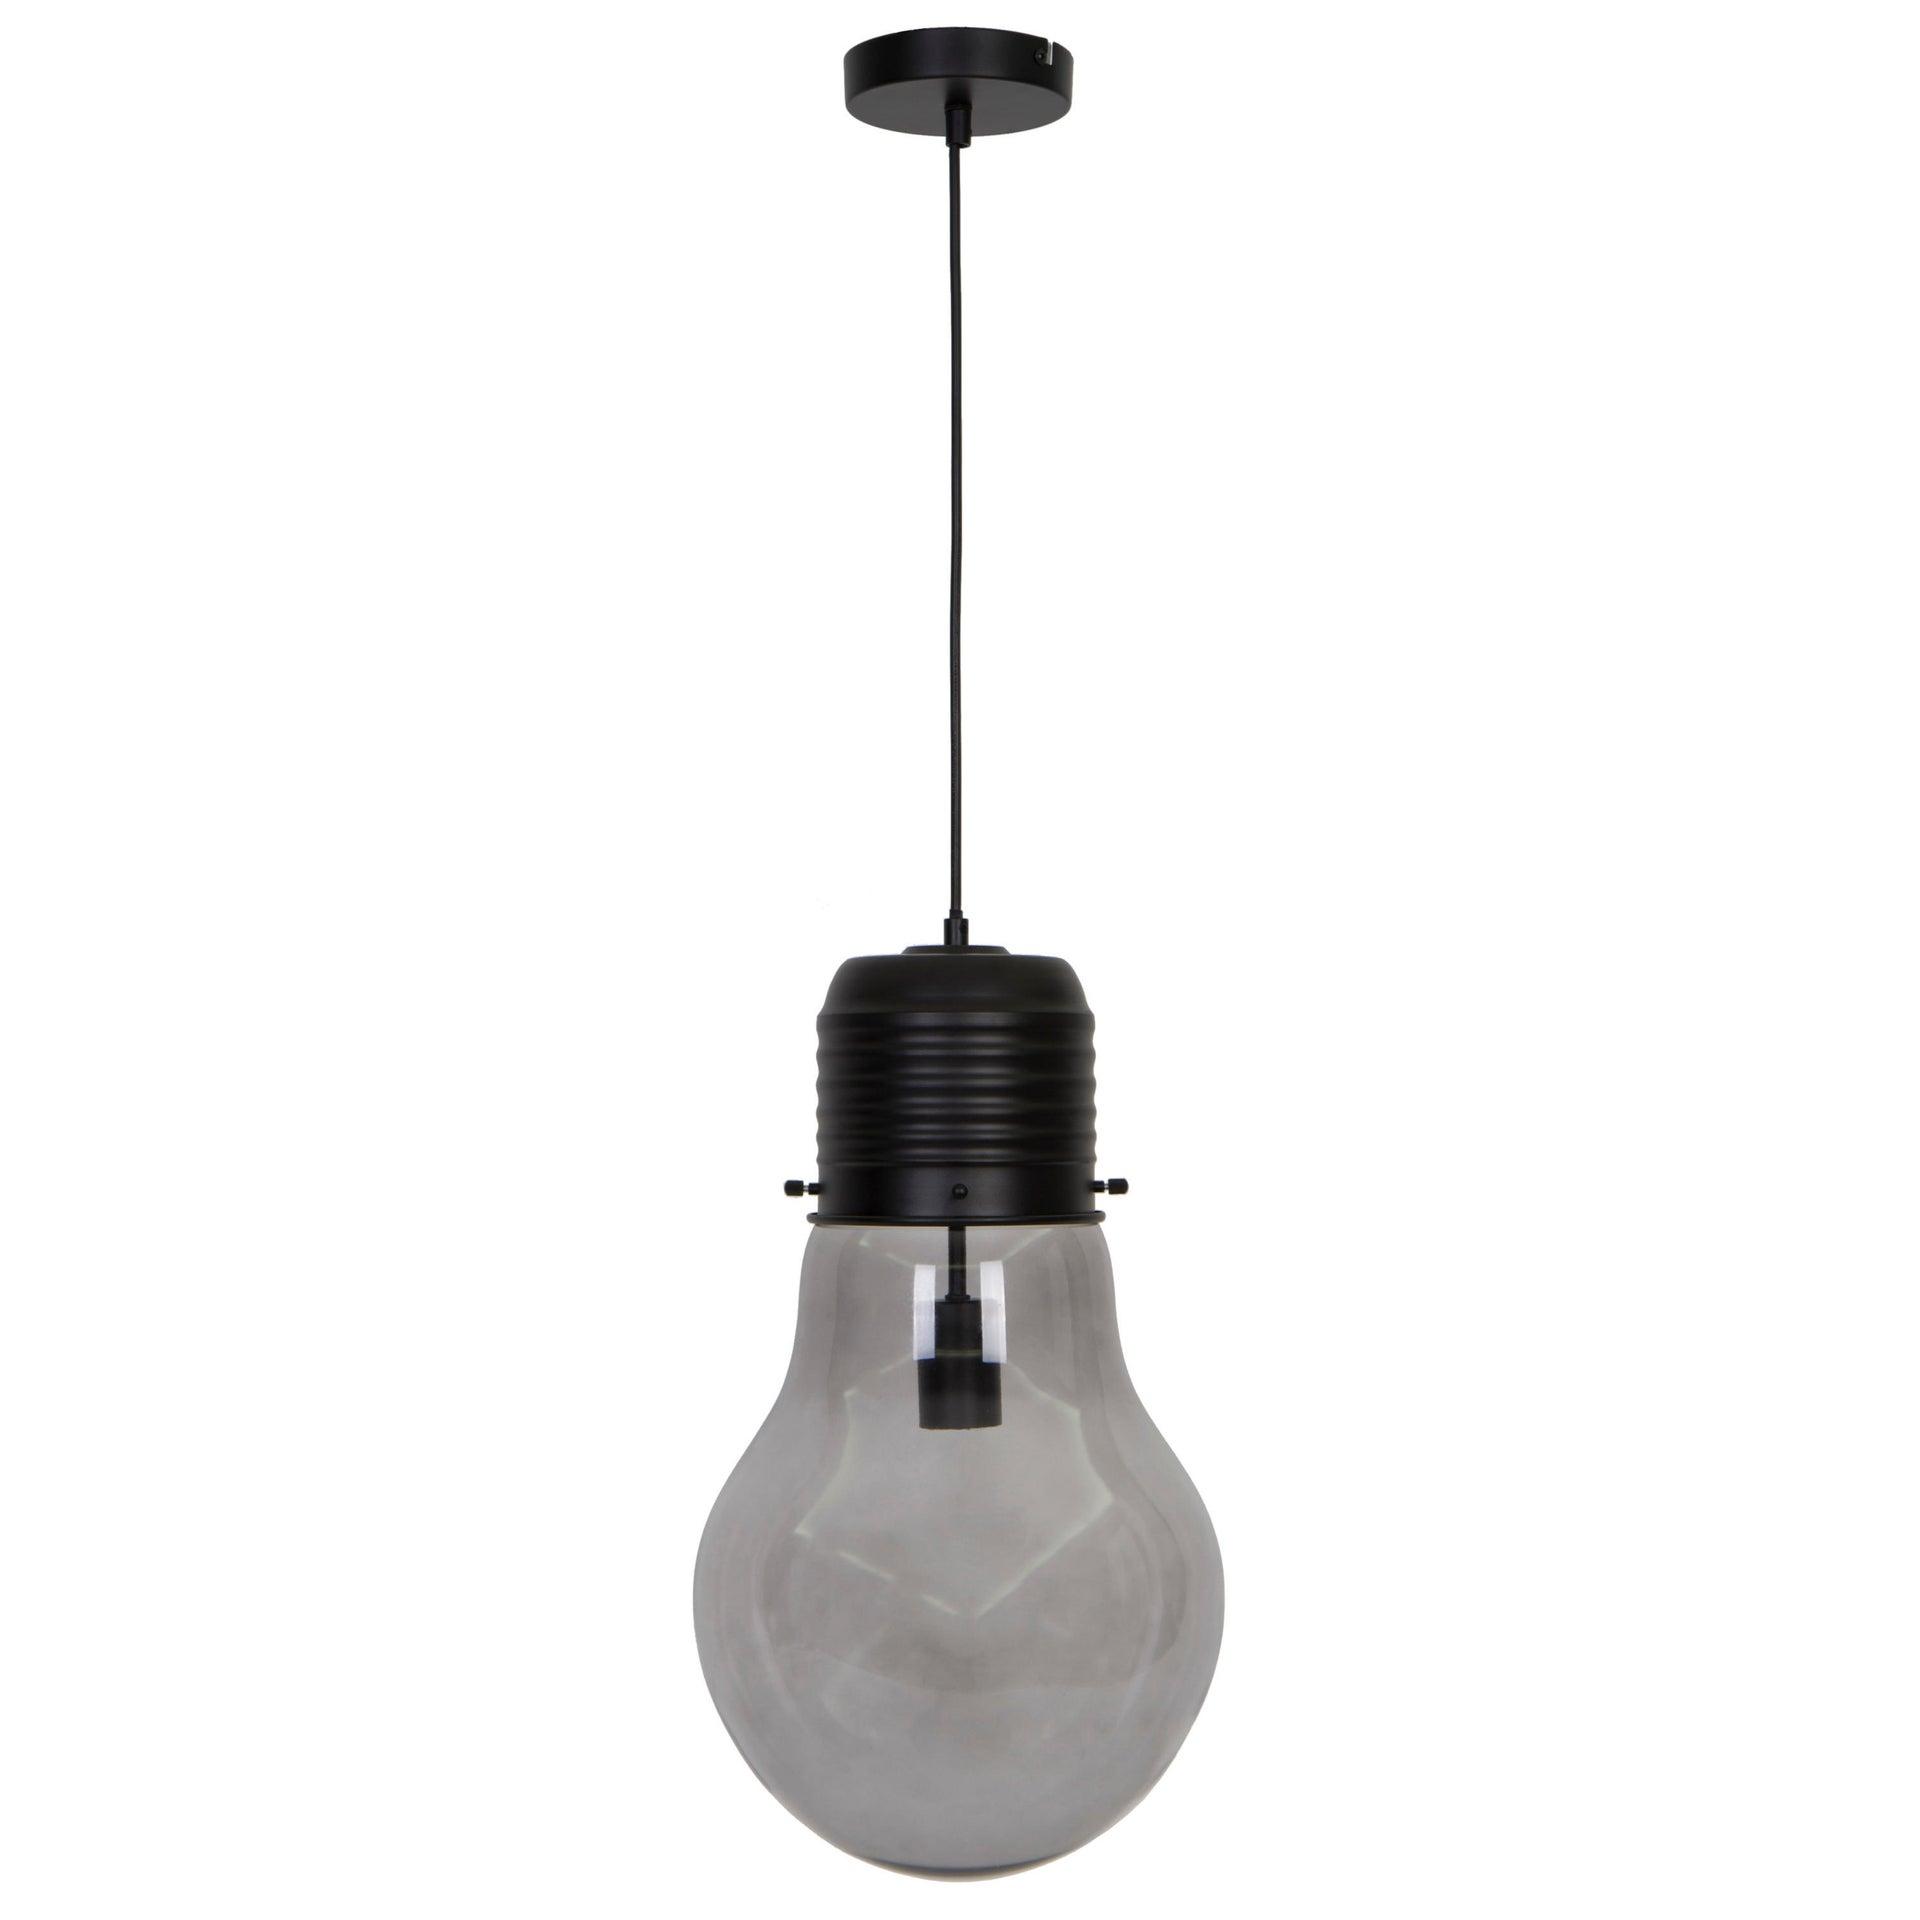 Lampadario Glamour Bombilla nero in cristallo, D. 28 cm, INSPIRE - 6